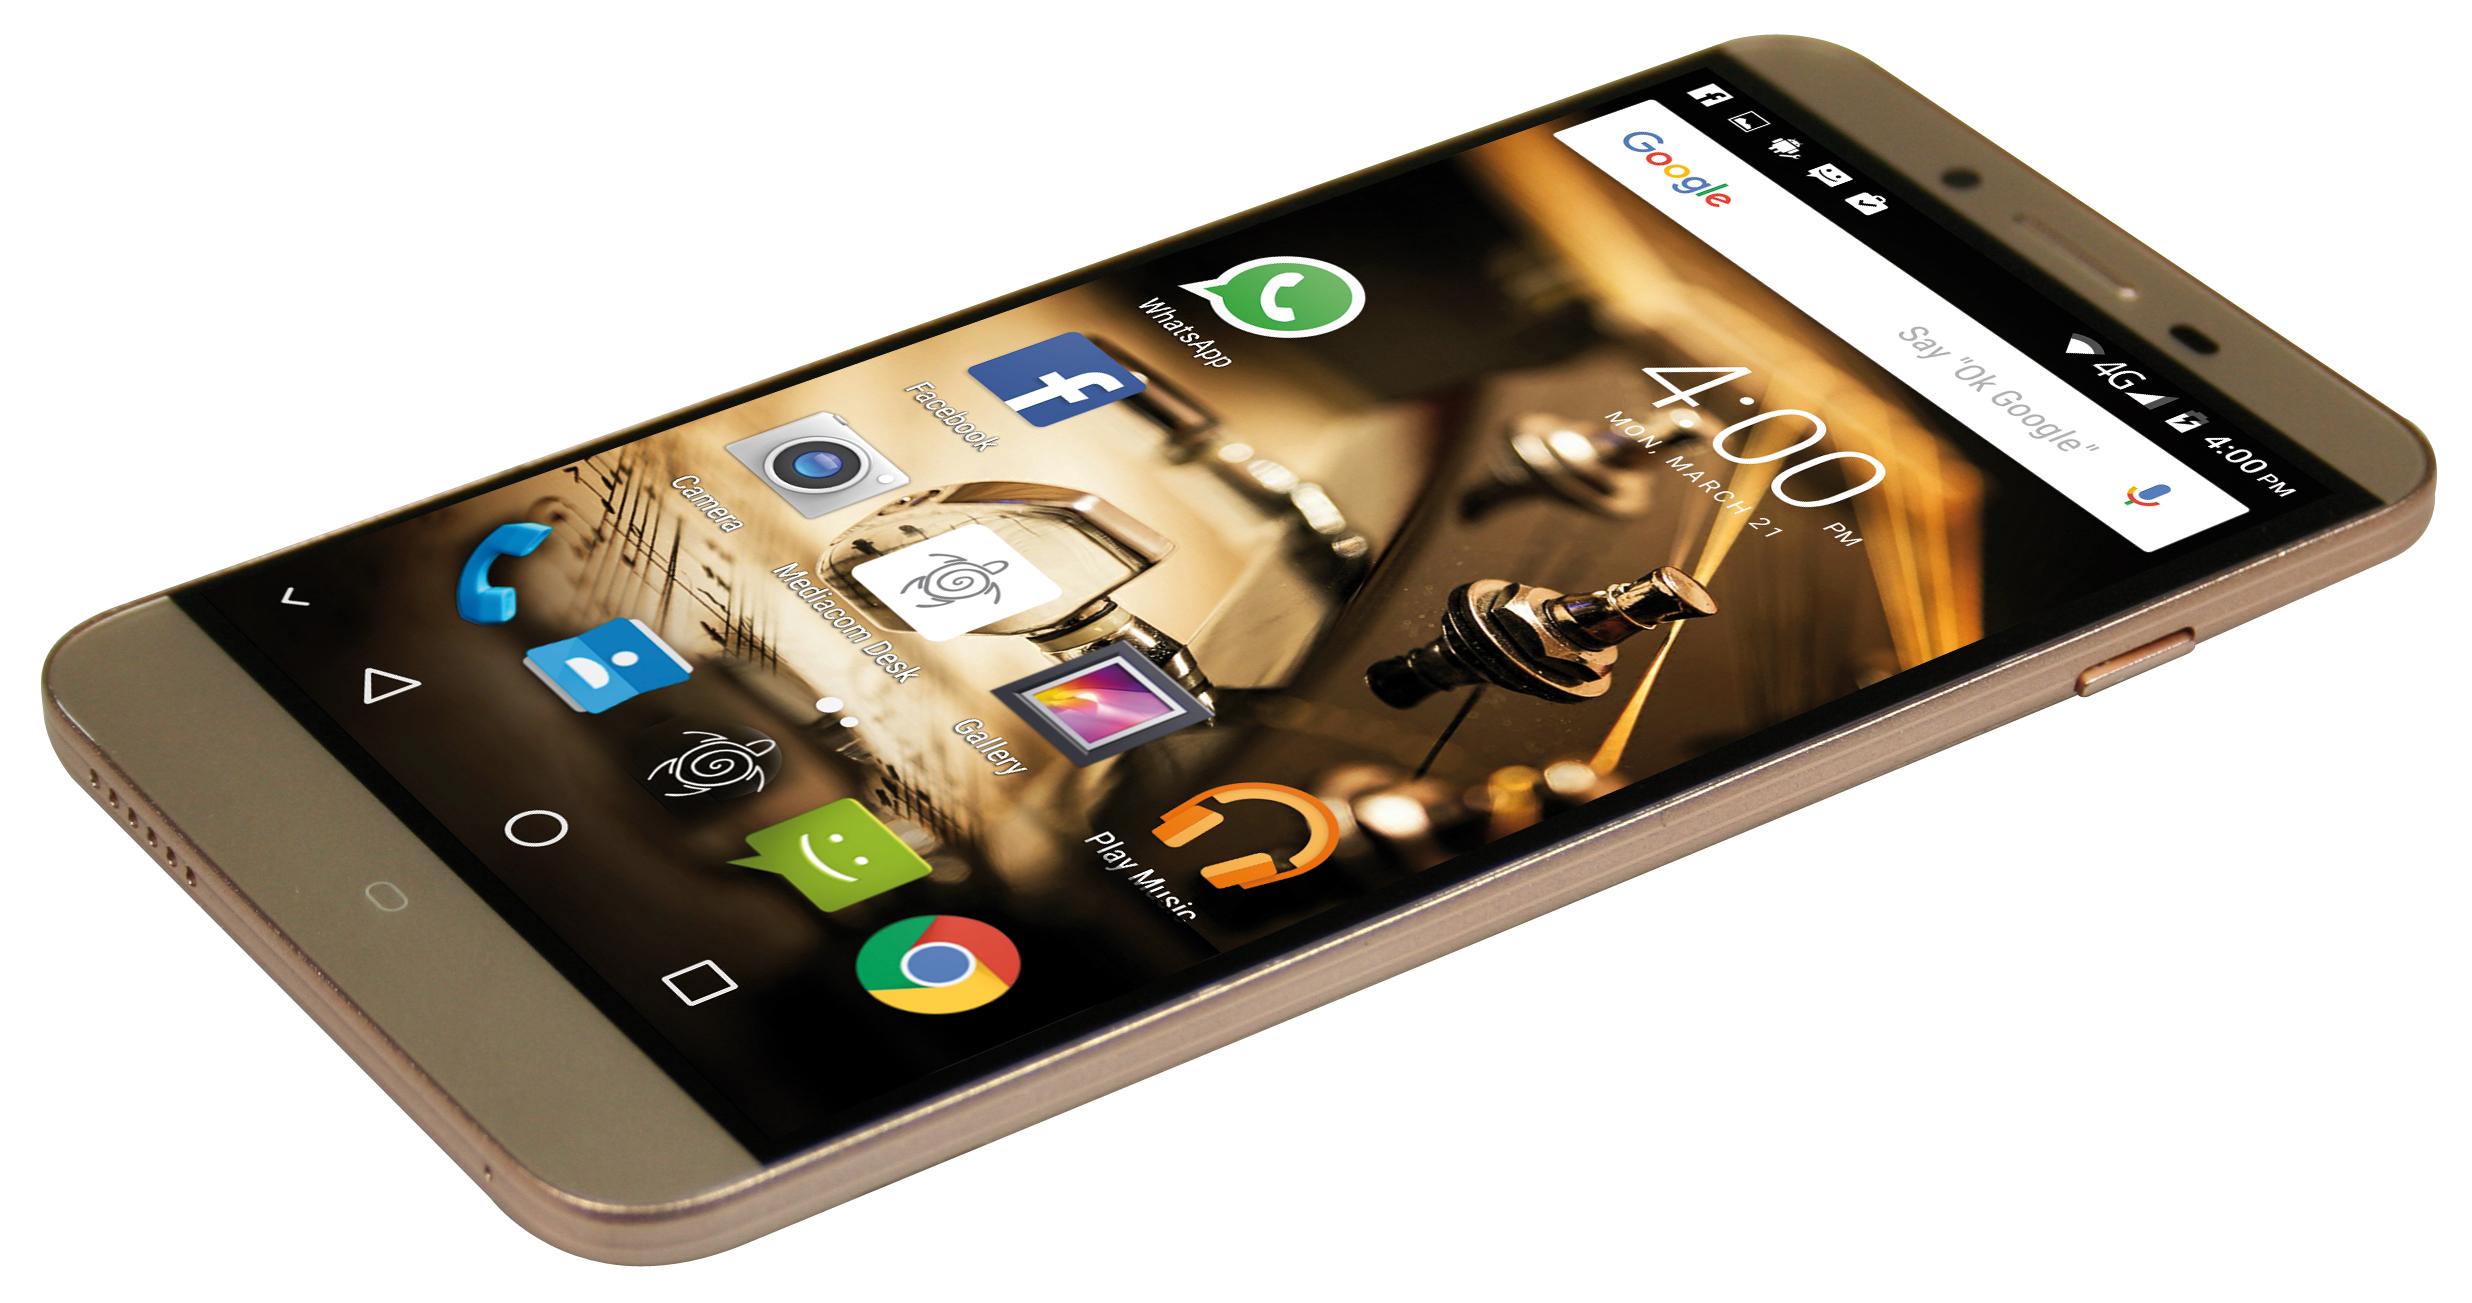 mediacom phone pad duo X555U